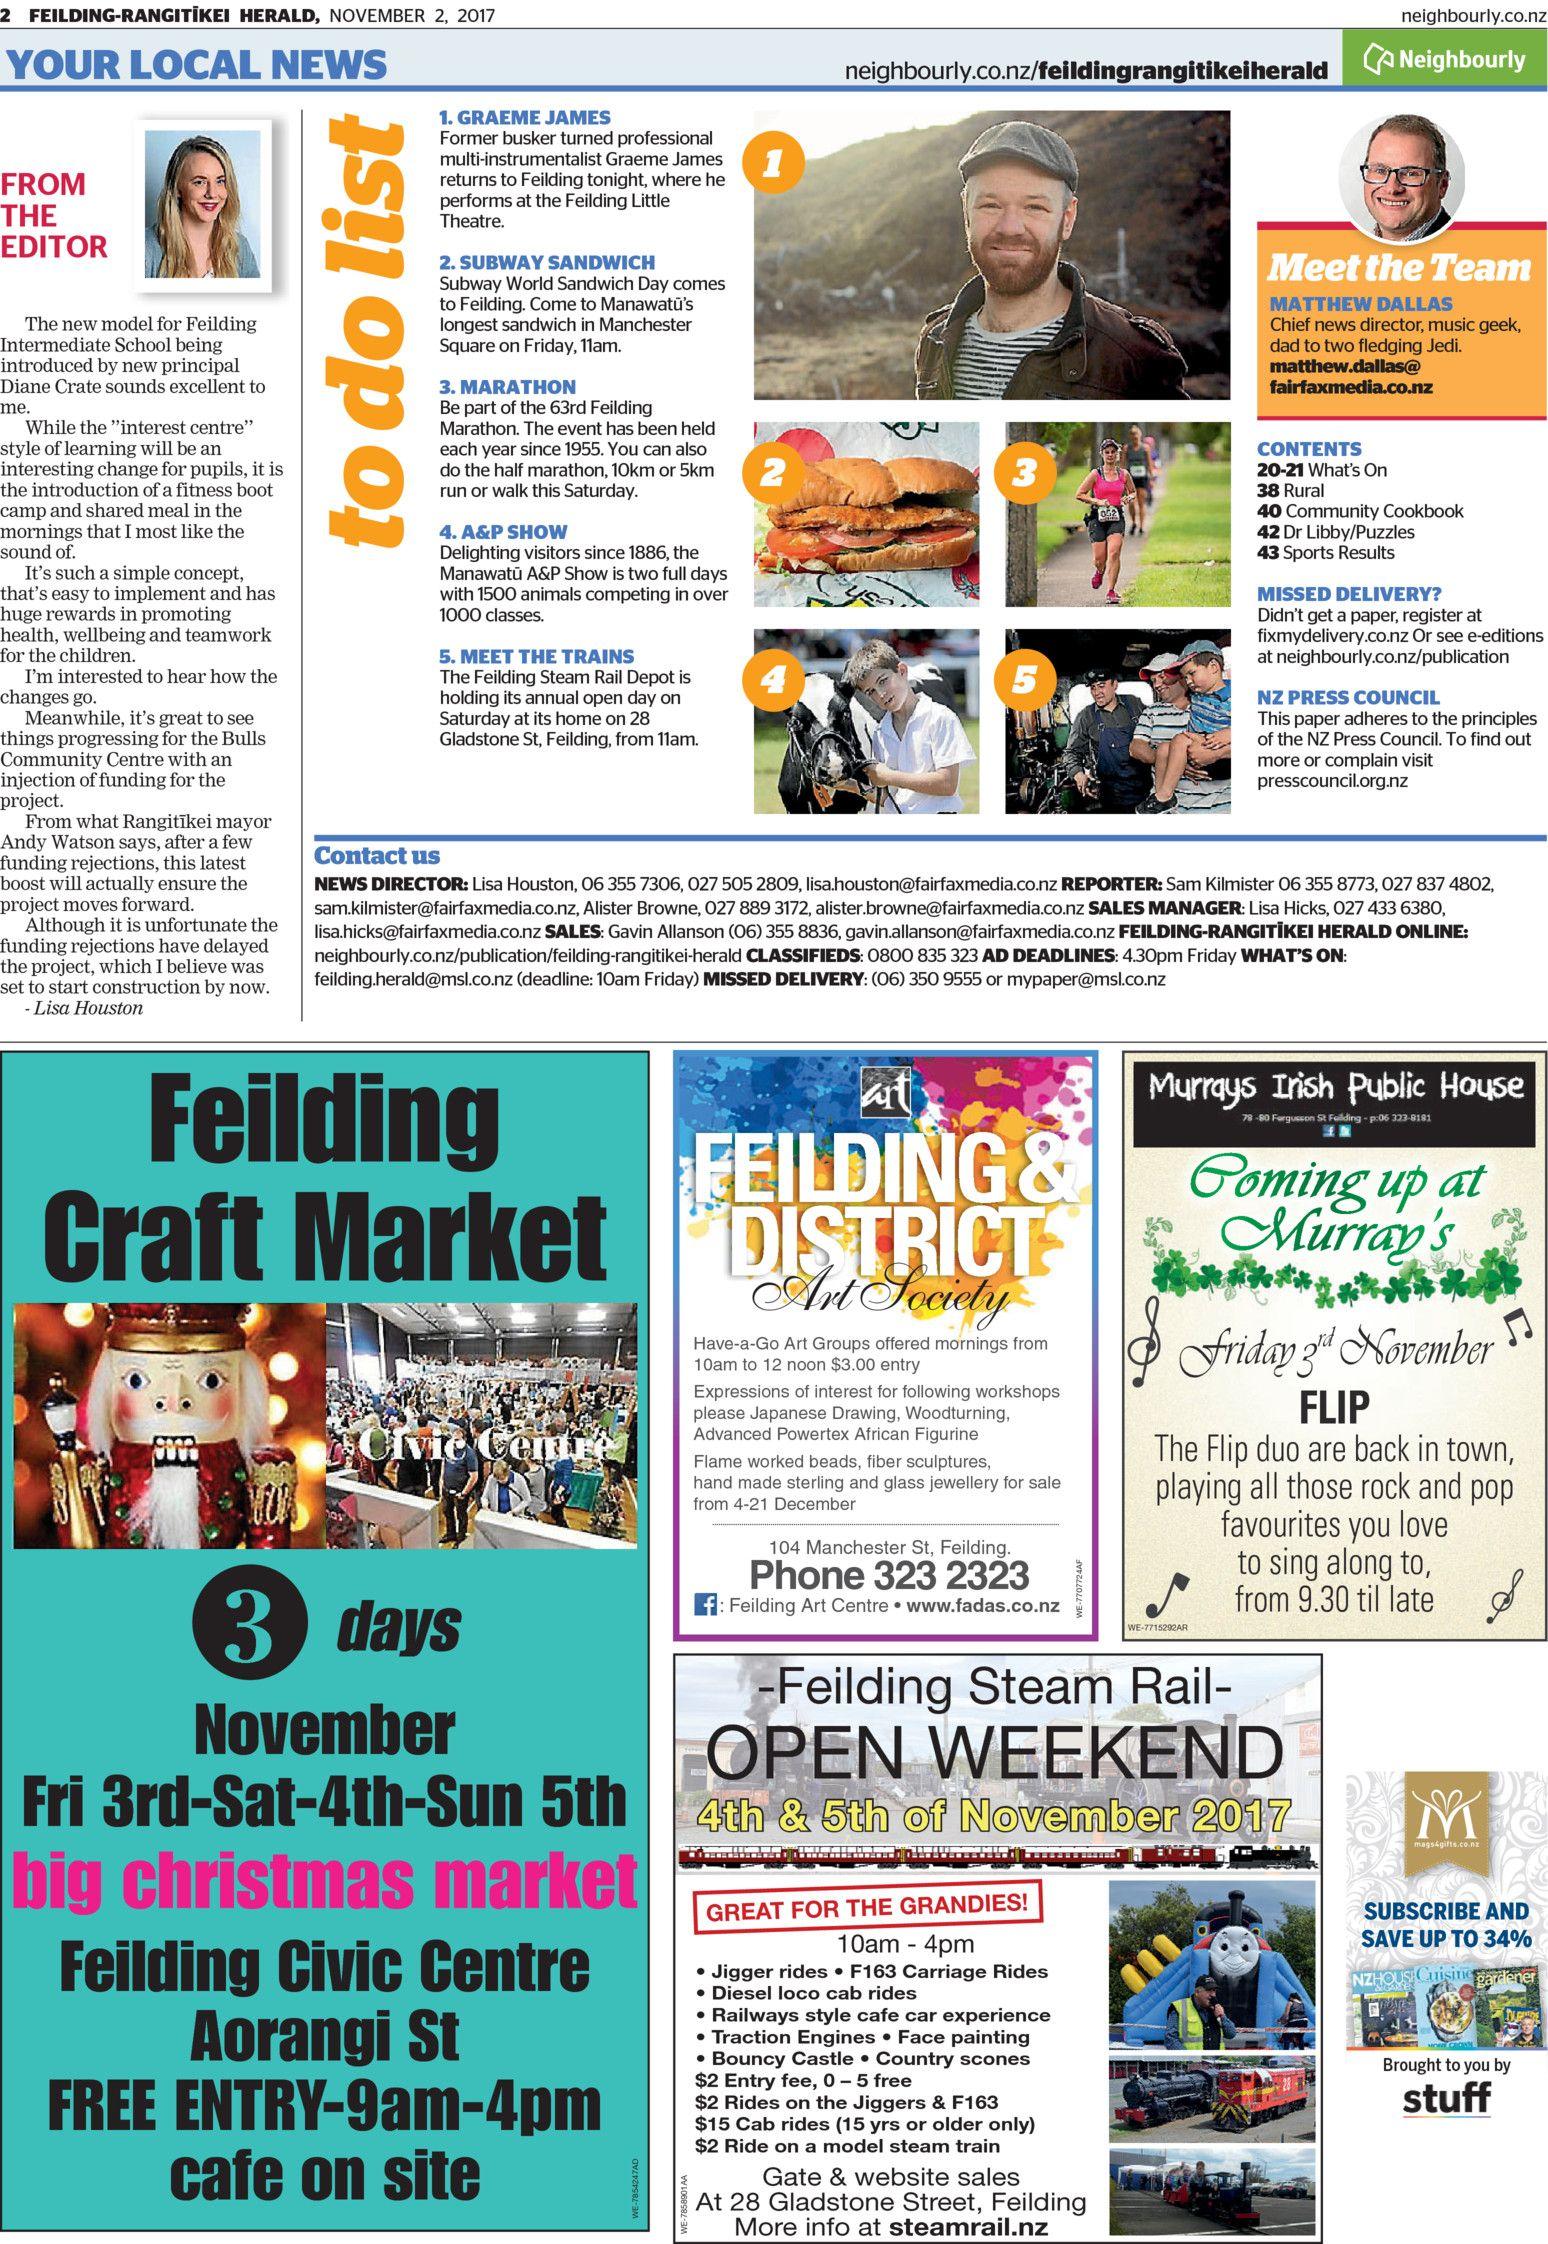 Feilding-Rangitīkei Herald - Read online on Neighbourly